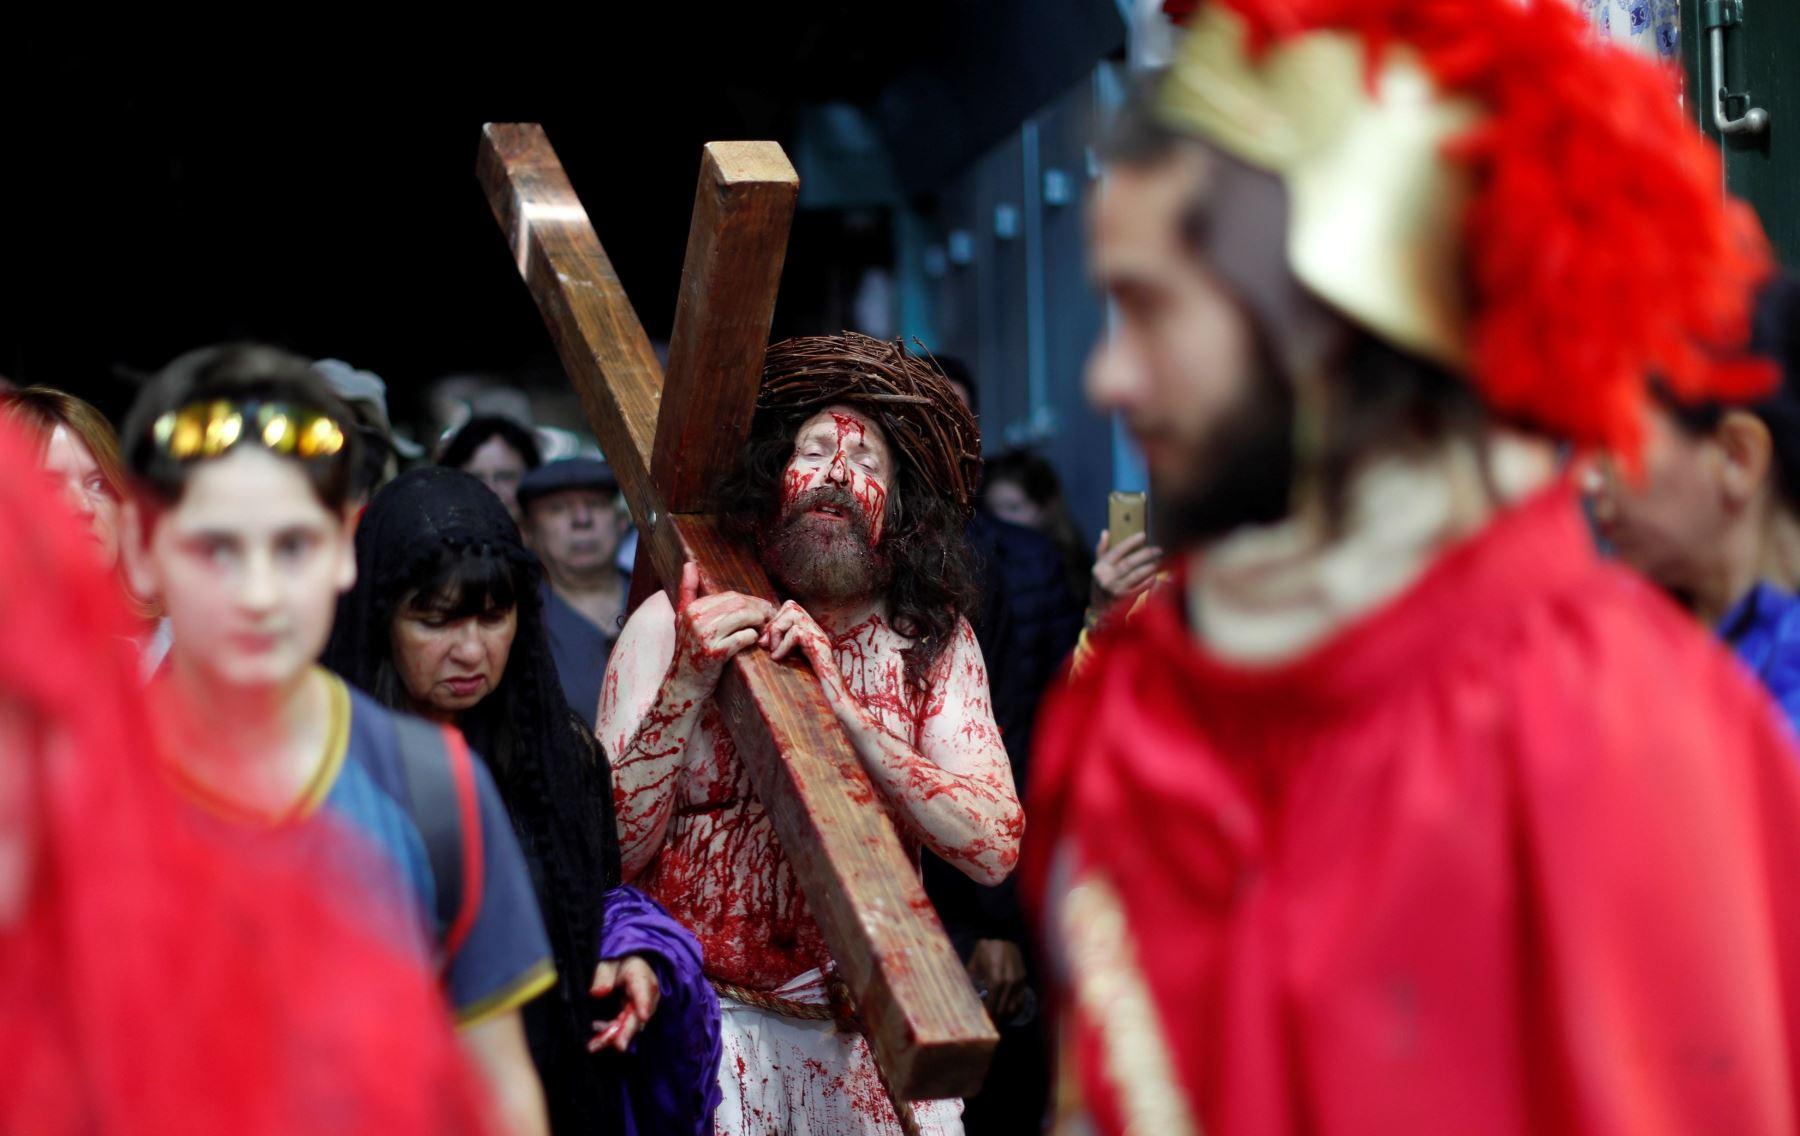 Un devoto representa el vía crucis de Jesús durante la procesión por el Viernes Santo en Jerusalén, Israel. EFE/ Atef Safadi  Foto: EFE